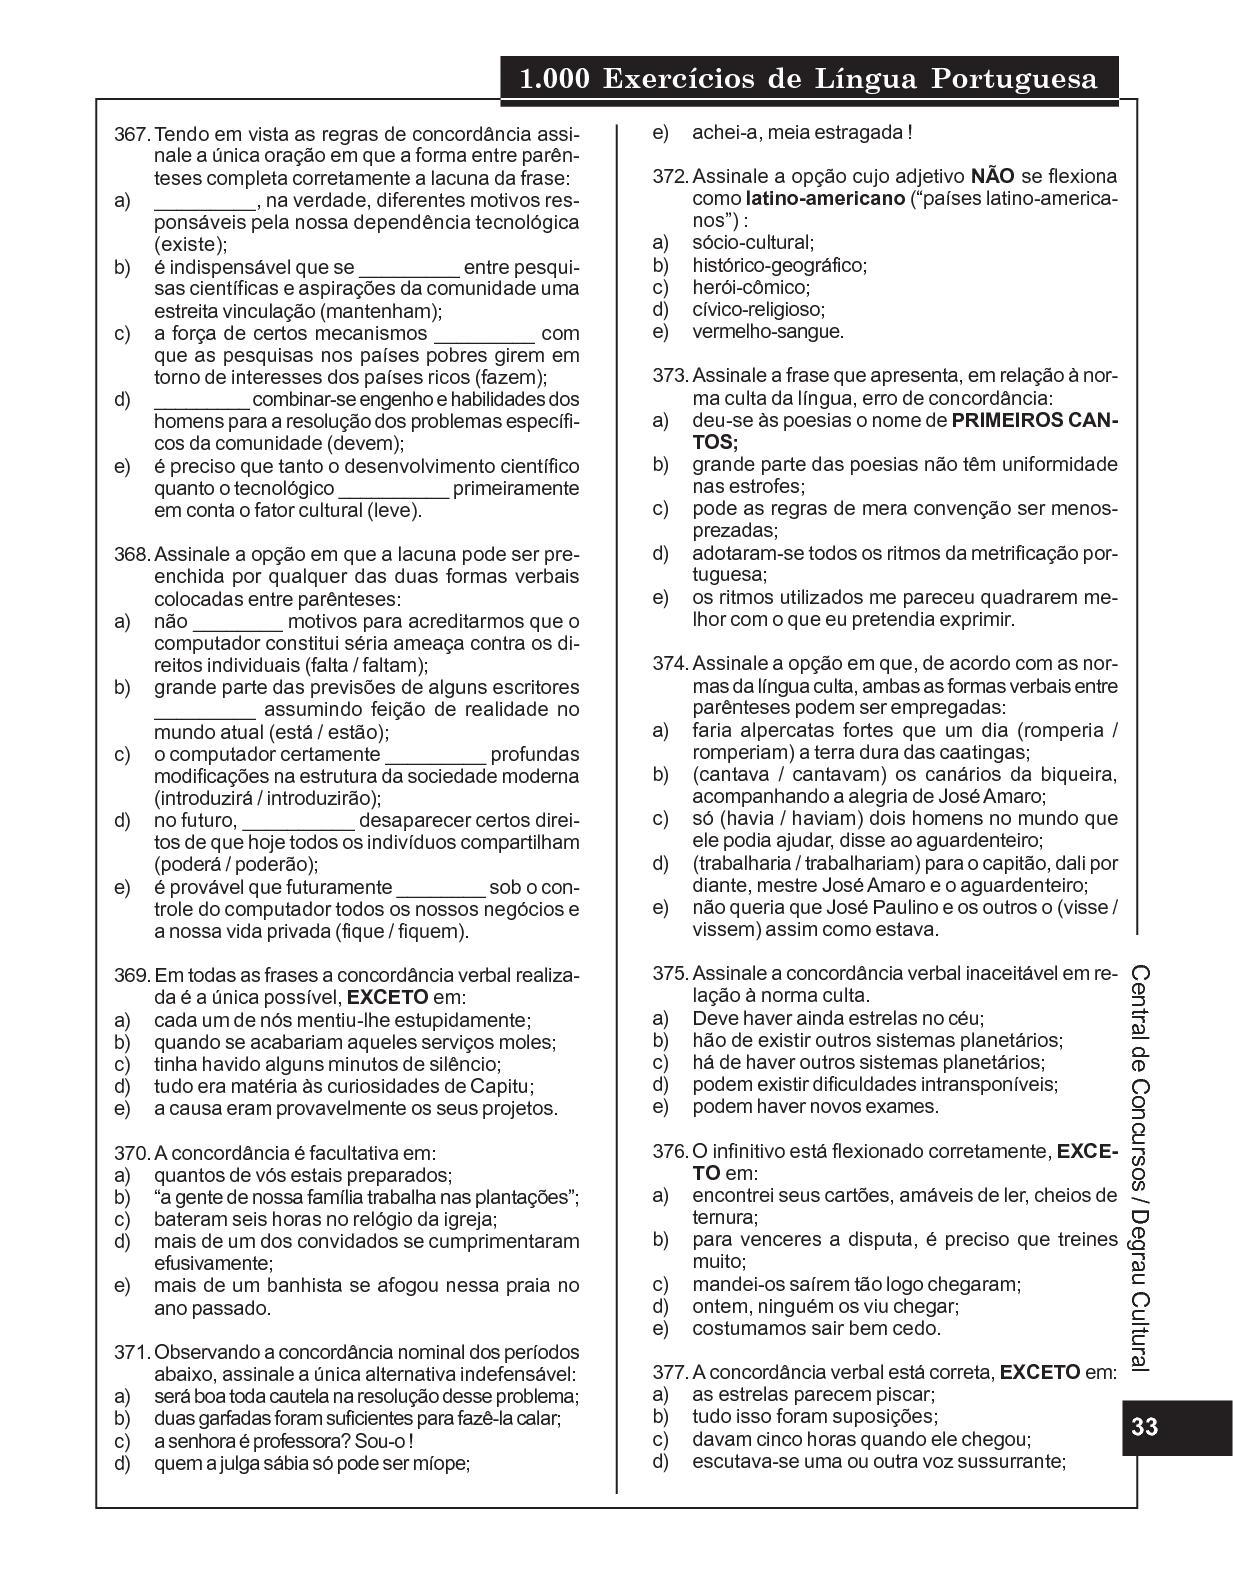 1 000 Exercícios De Língua Portuguesa 1 Calameo Downloader